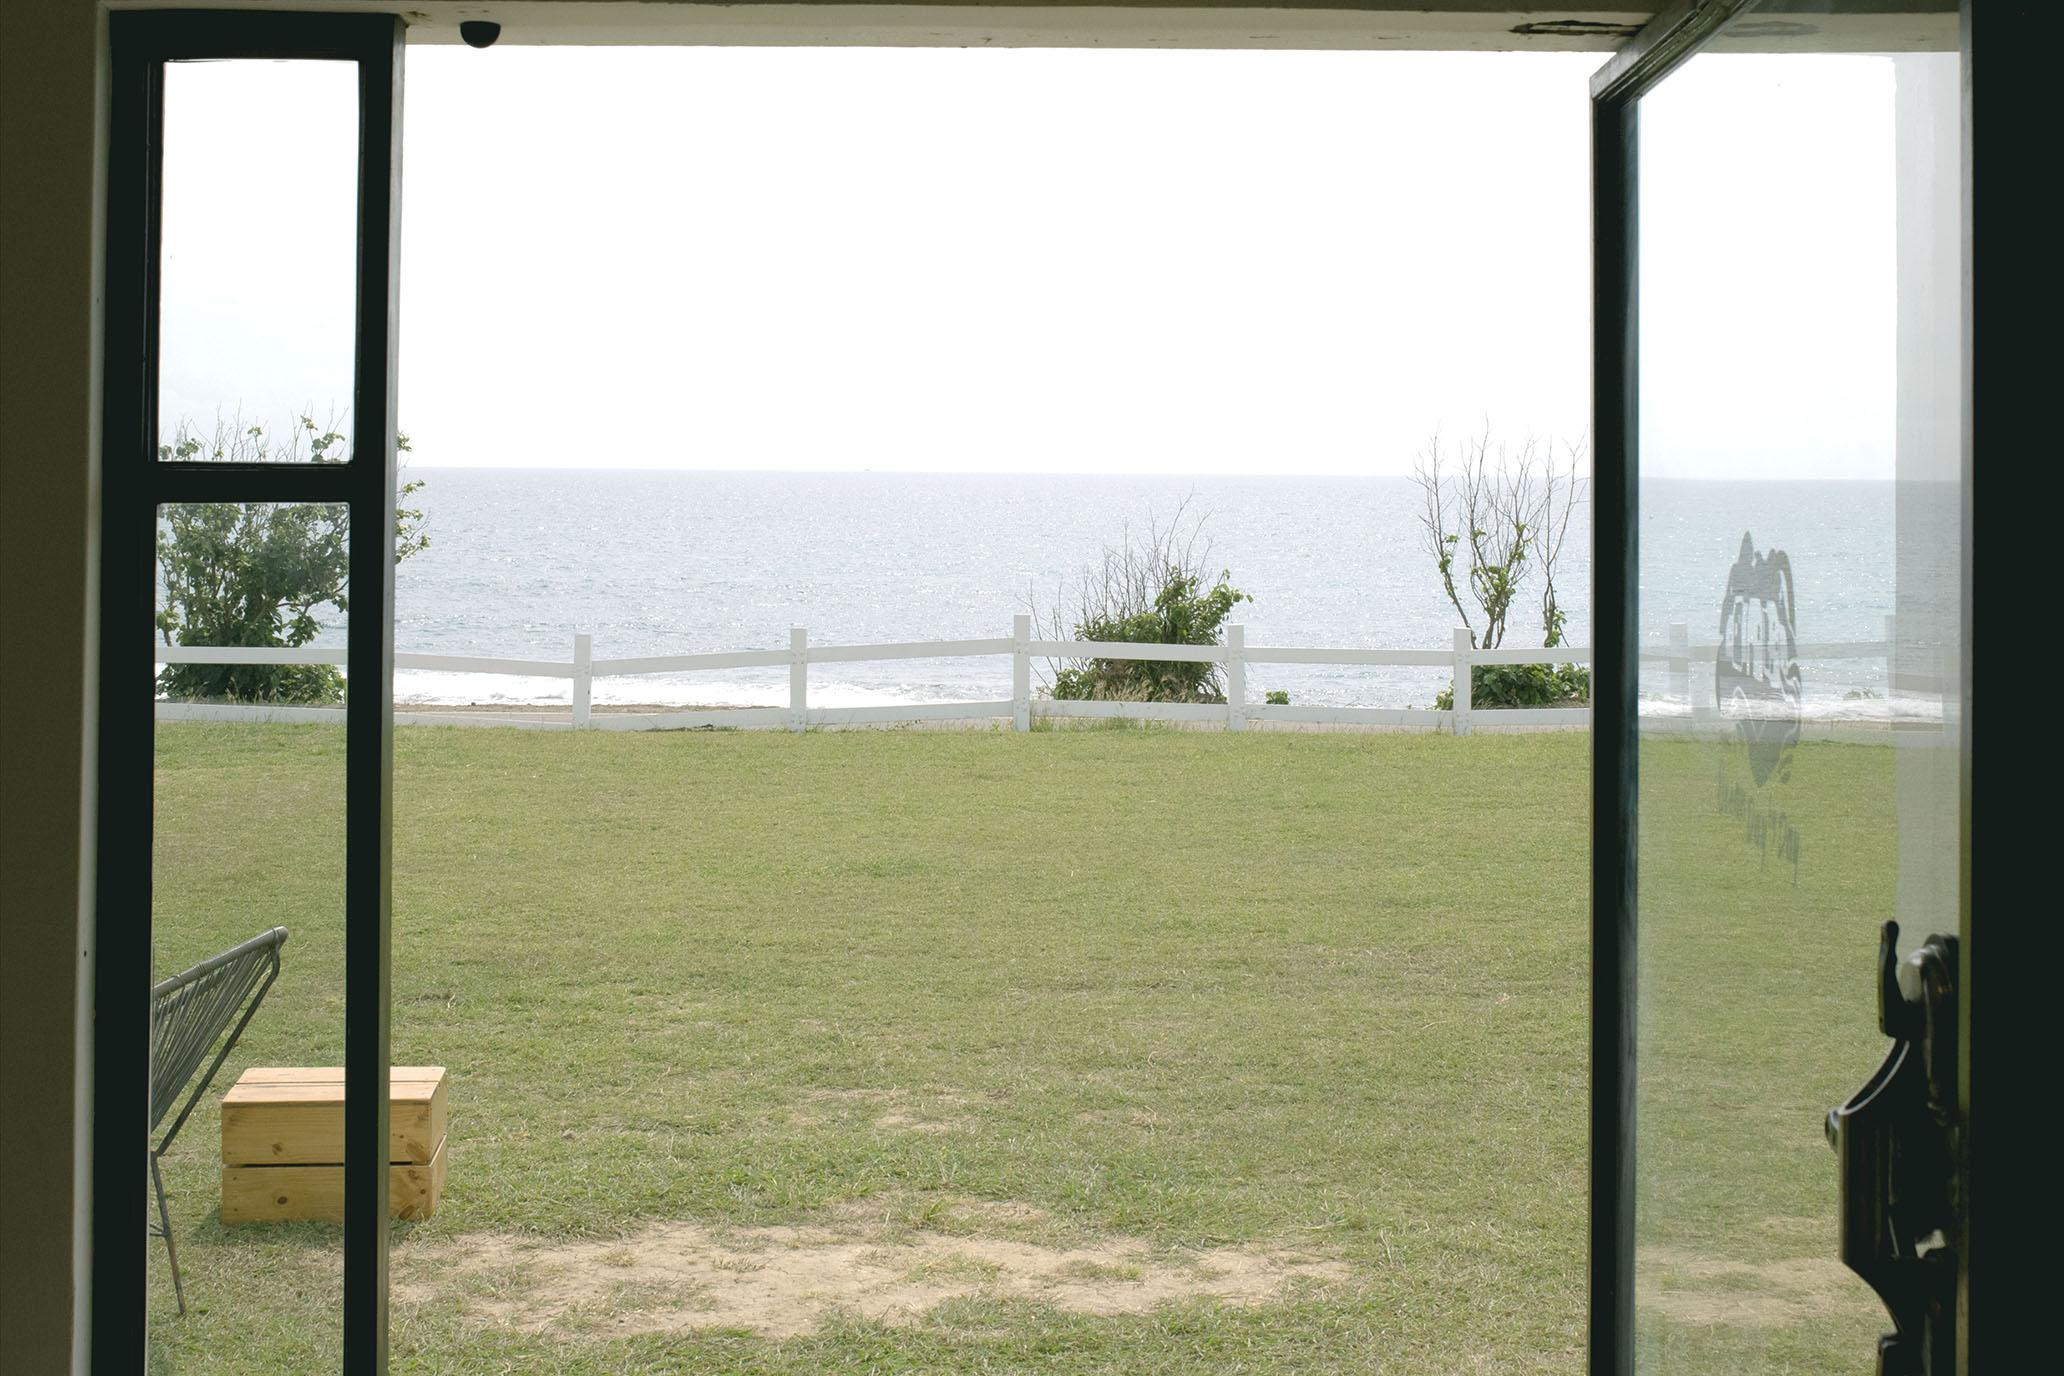 Ocean Day by Day 日日旅海出發,留下國境之南的深刻回憶。